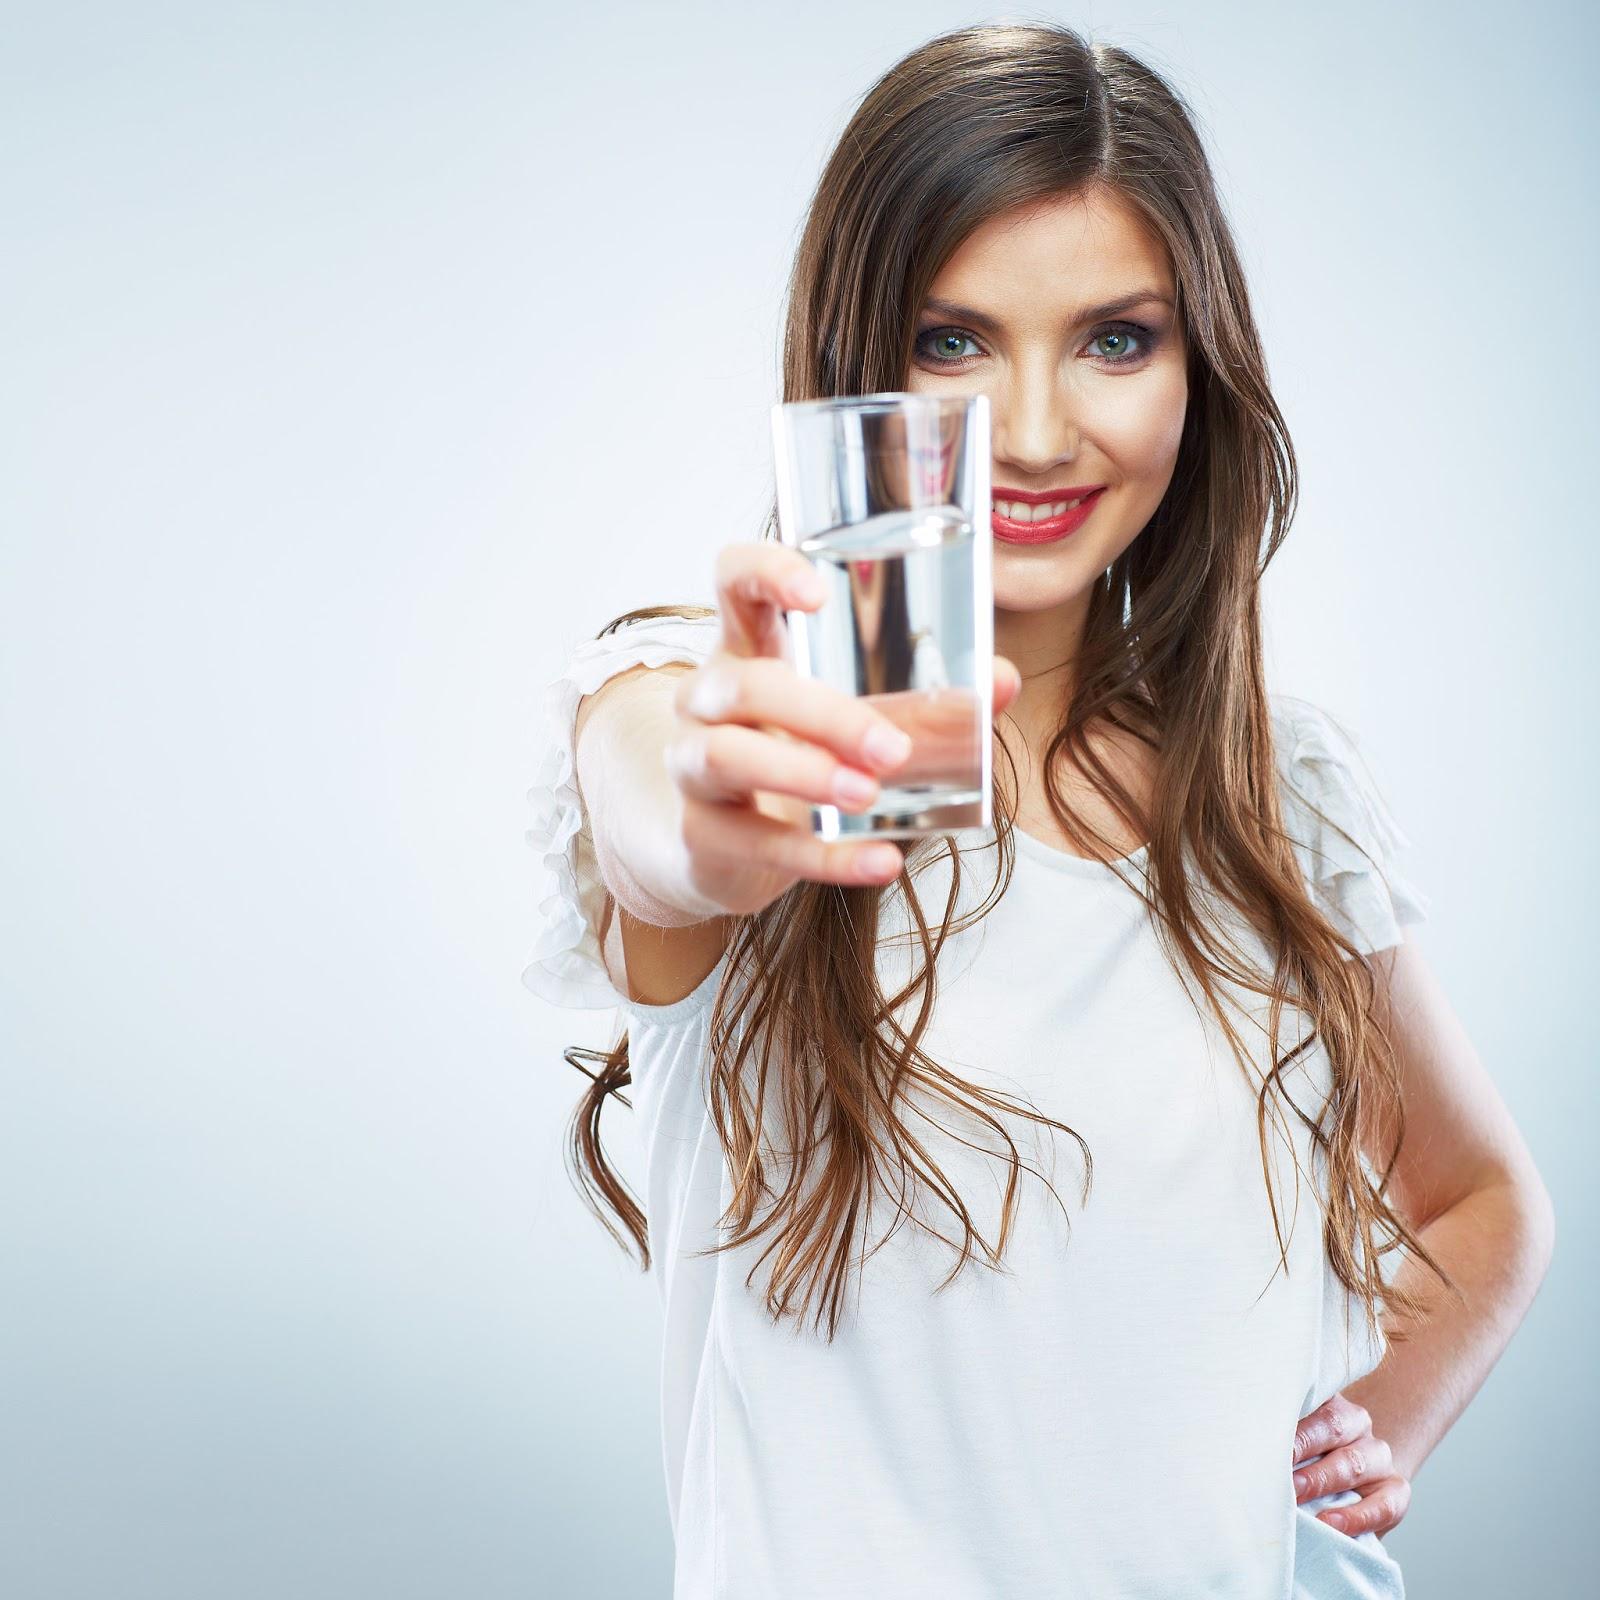 Manfaat Mengkonsumsi Air Putih